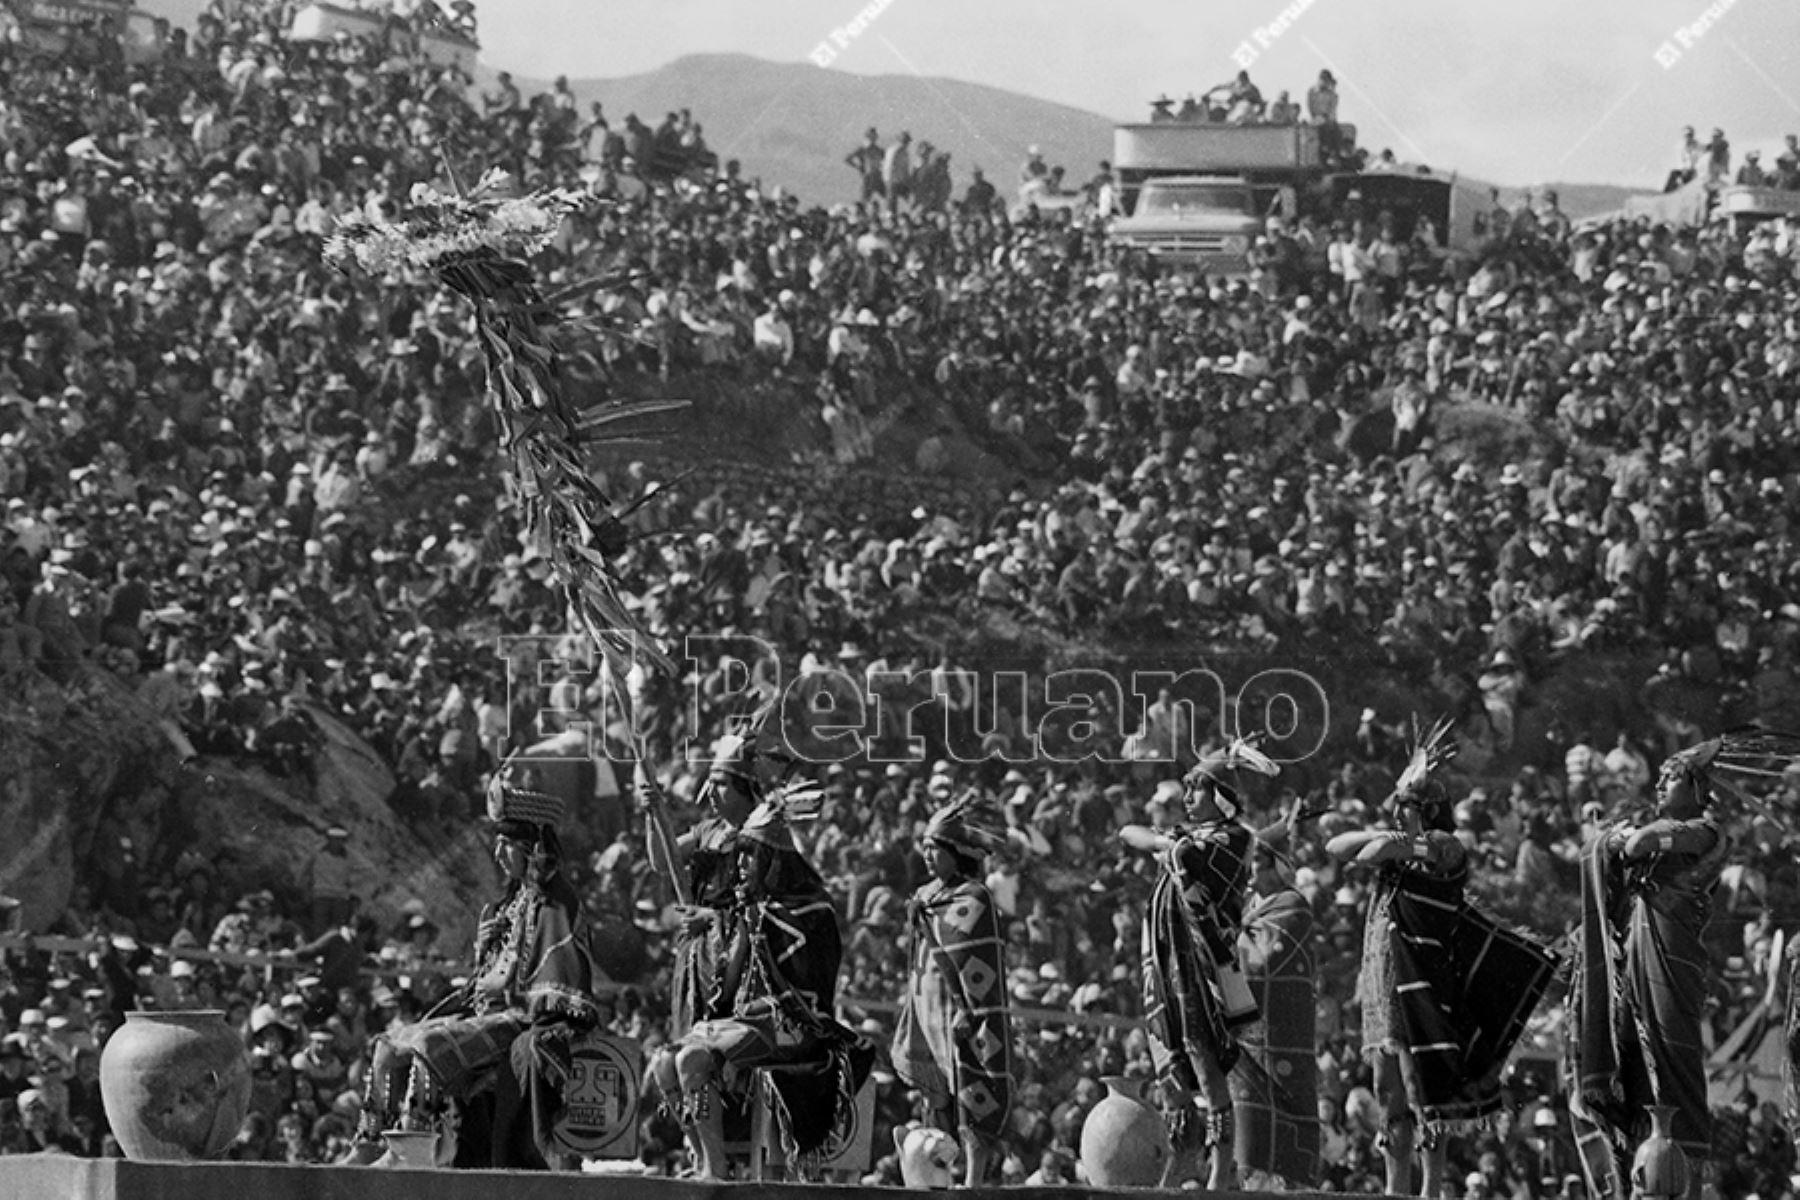 Lima - 24 junio 1975 / Celebración del Inti Raymi o Fiesta del Sol en la explanada de la fortaleza de Sacsayhuamán en la ciudad del Cusco. Foto: Archivo Histórico de El Peruano / Oswaldo Sánchez